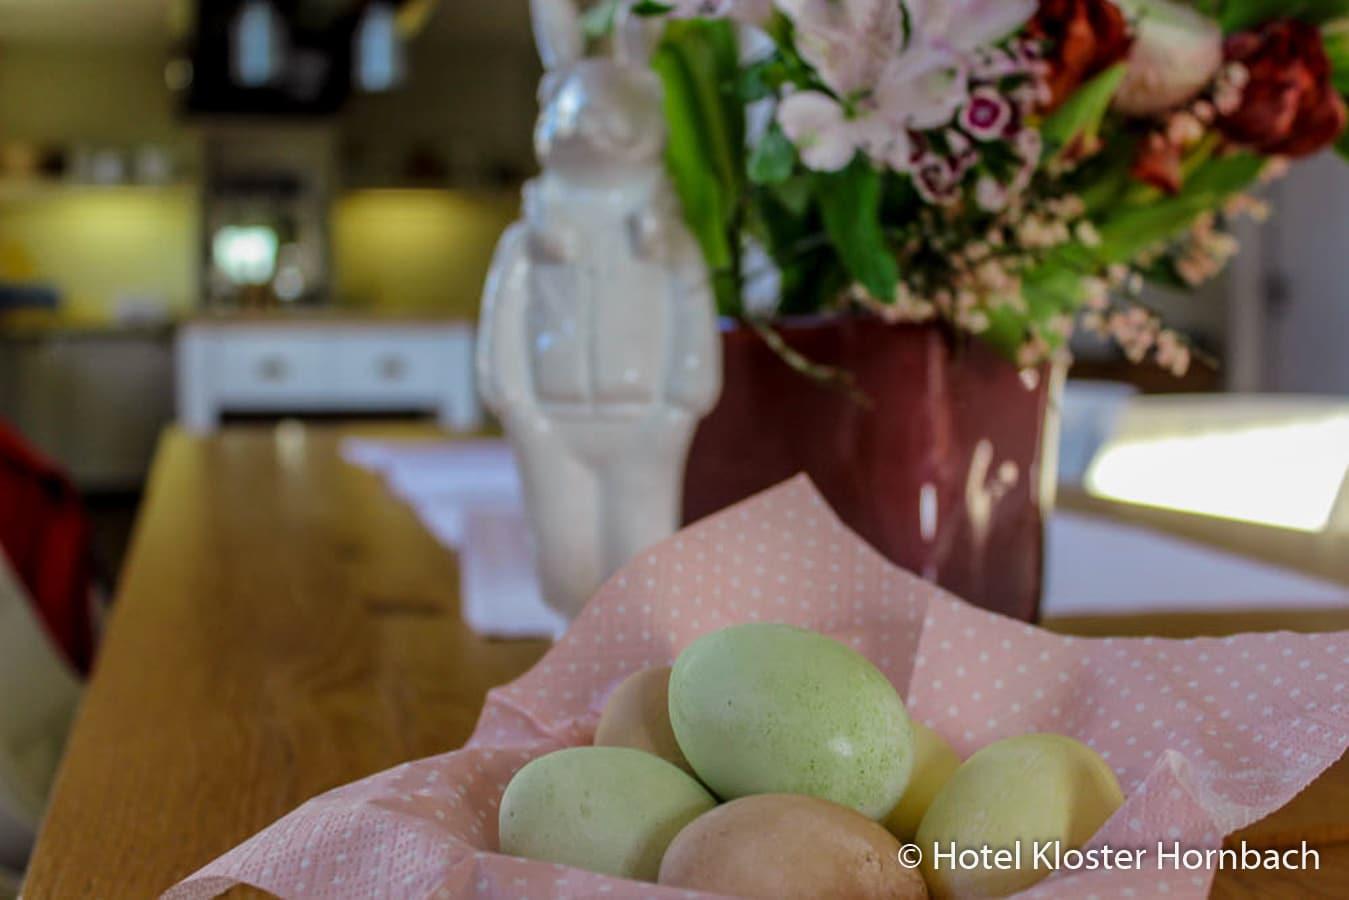 Fertige Ostereier, Hotel Kloster Hornbach, Osterdekoration, Ostereier mit Naturfarbe färben